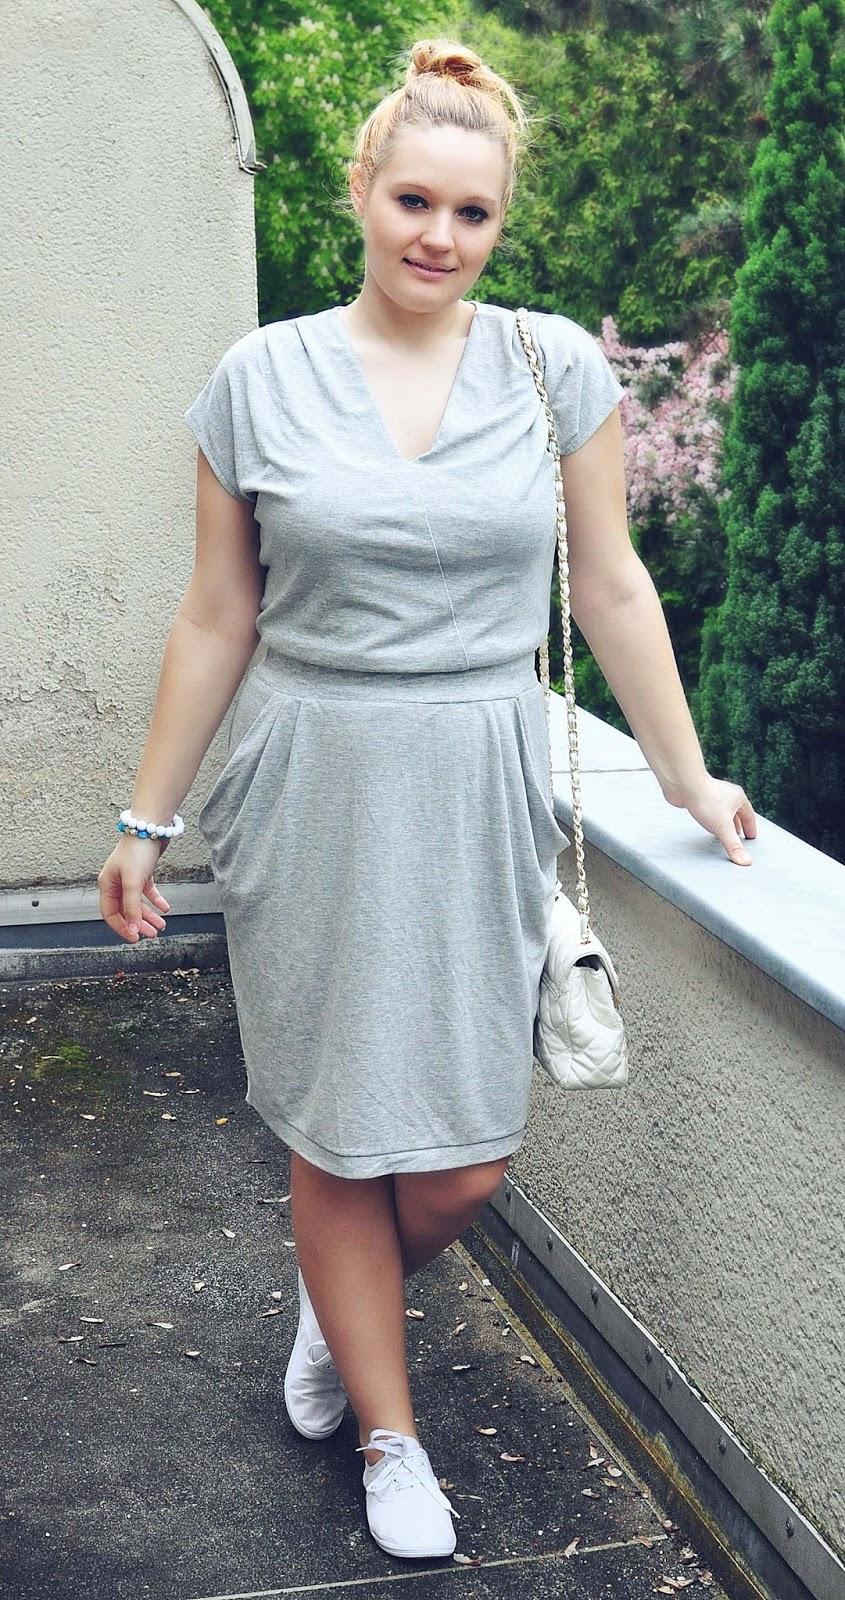 sukienka-kryjąca-brzuch